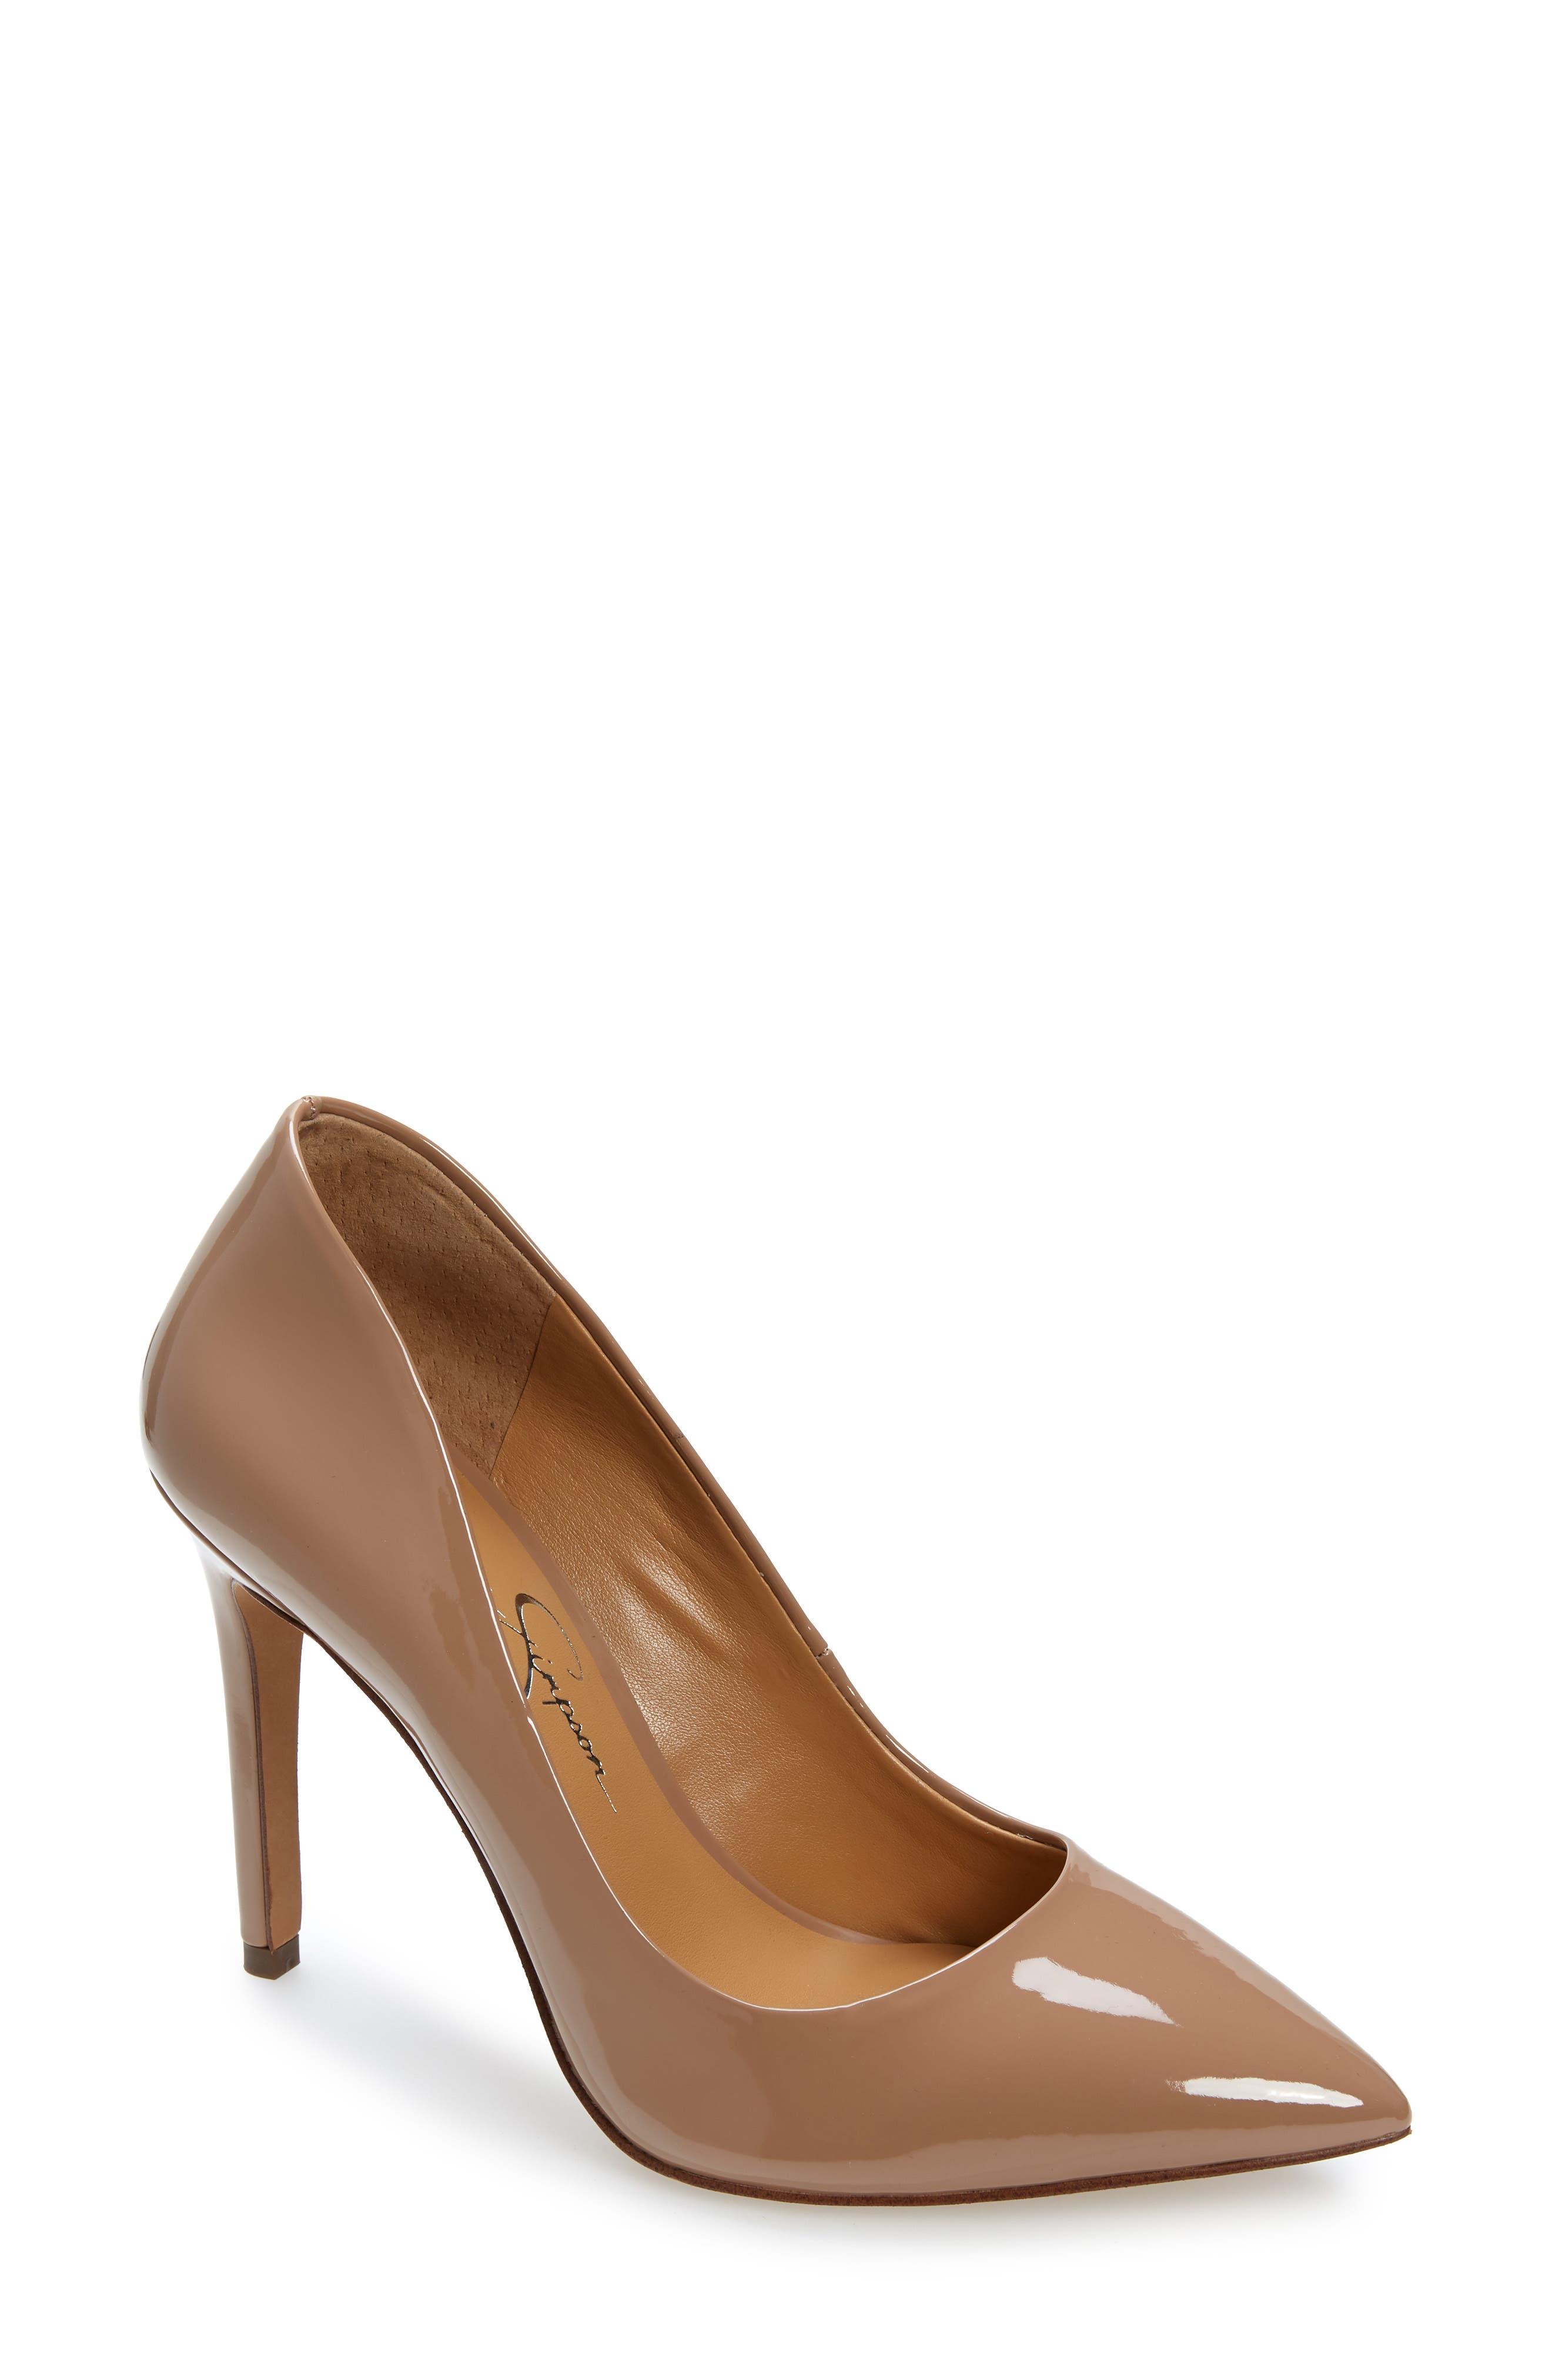 Women's Jessica Simpson Heels | Nordstrom